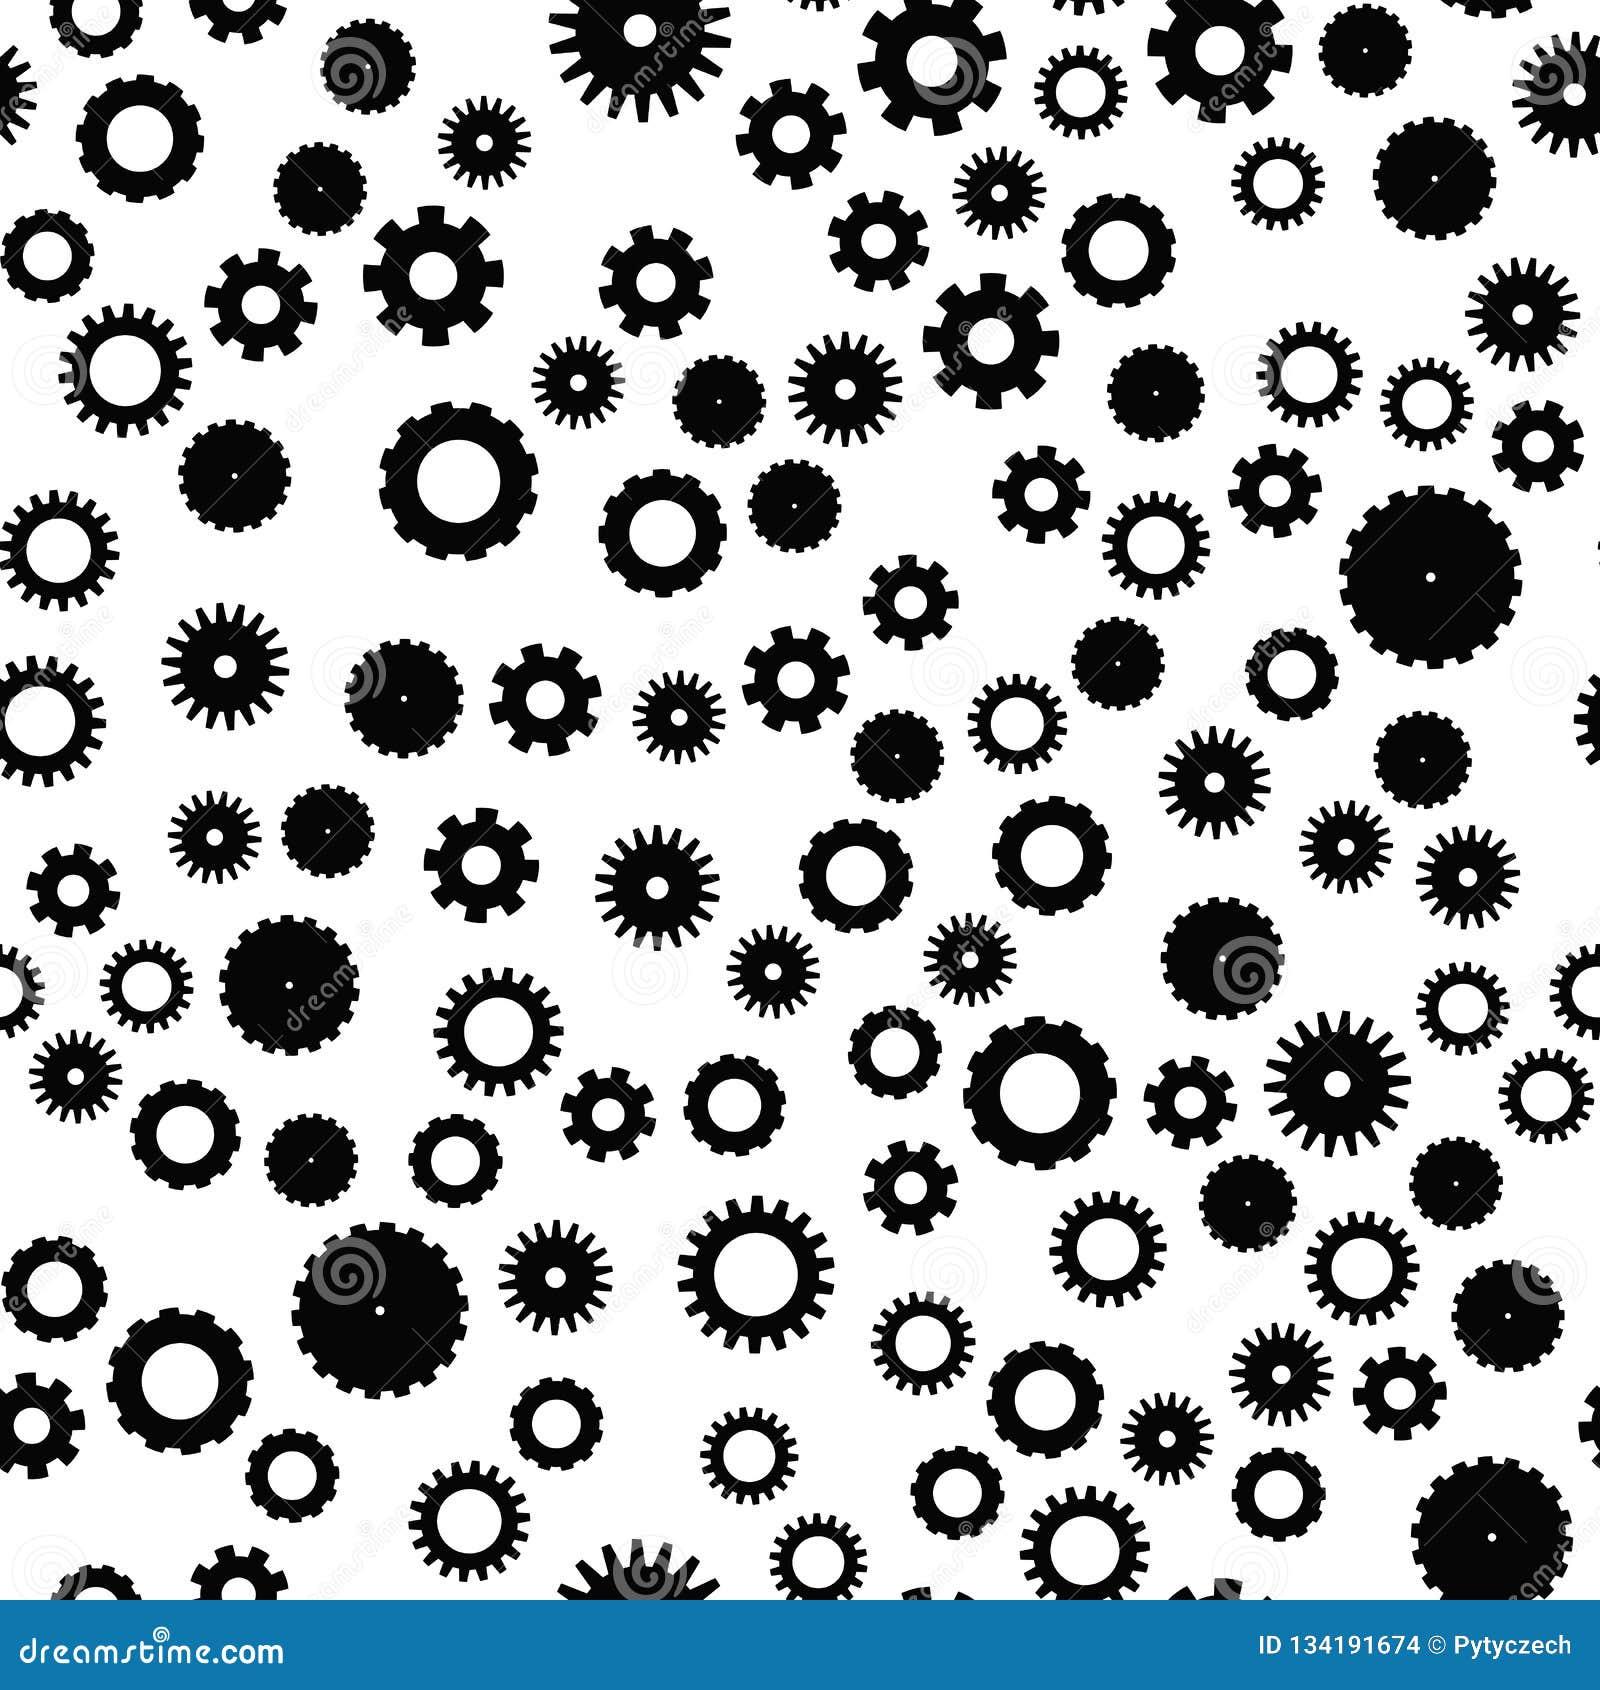 Modelo inconsútil de la rueda del diente Tema del mecanismo, tecnológico o industrial Fondo plano del vector en blanco y negro